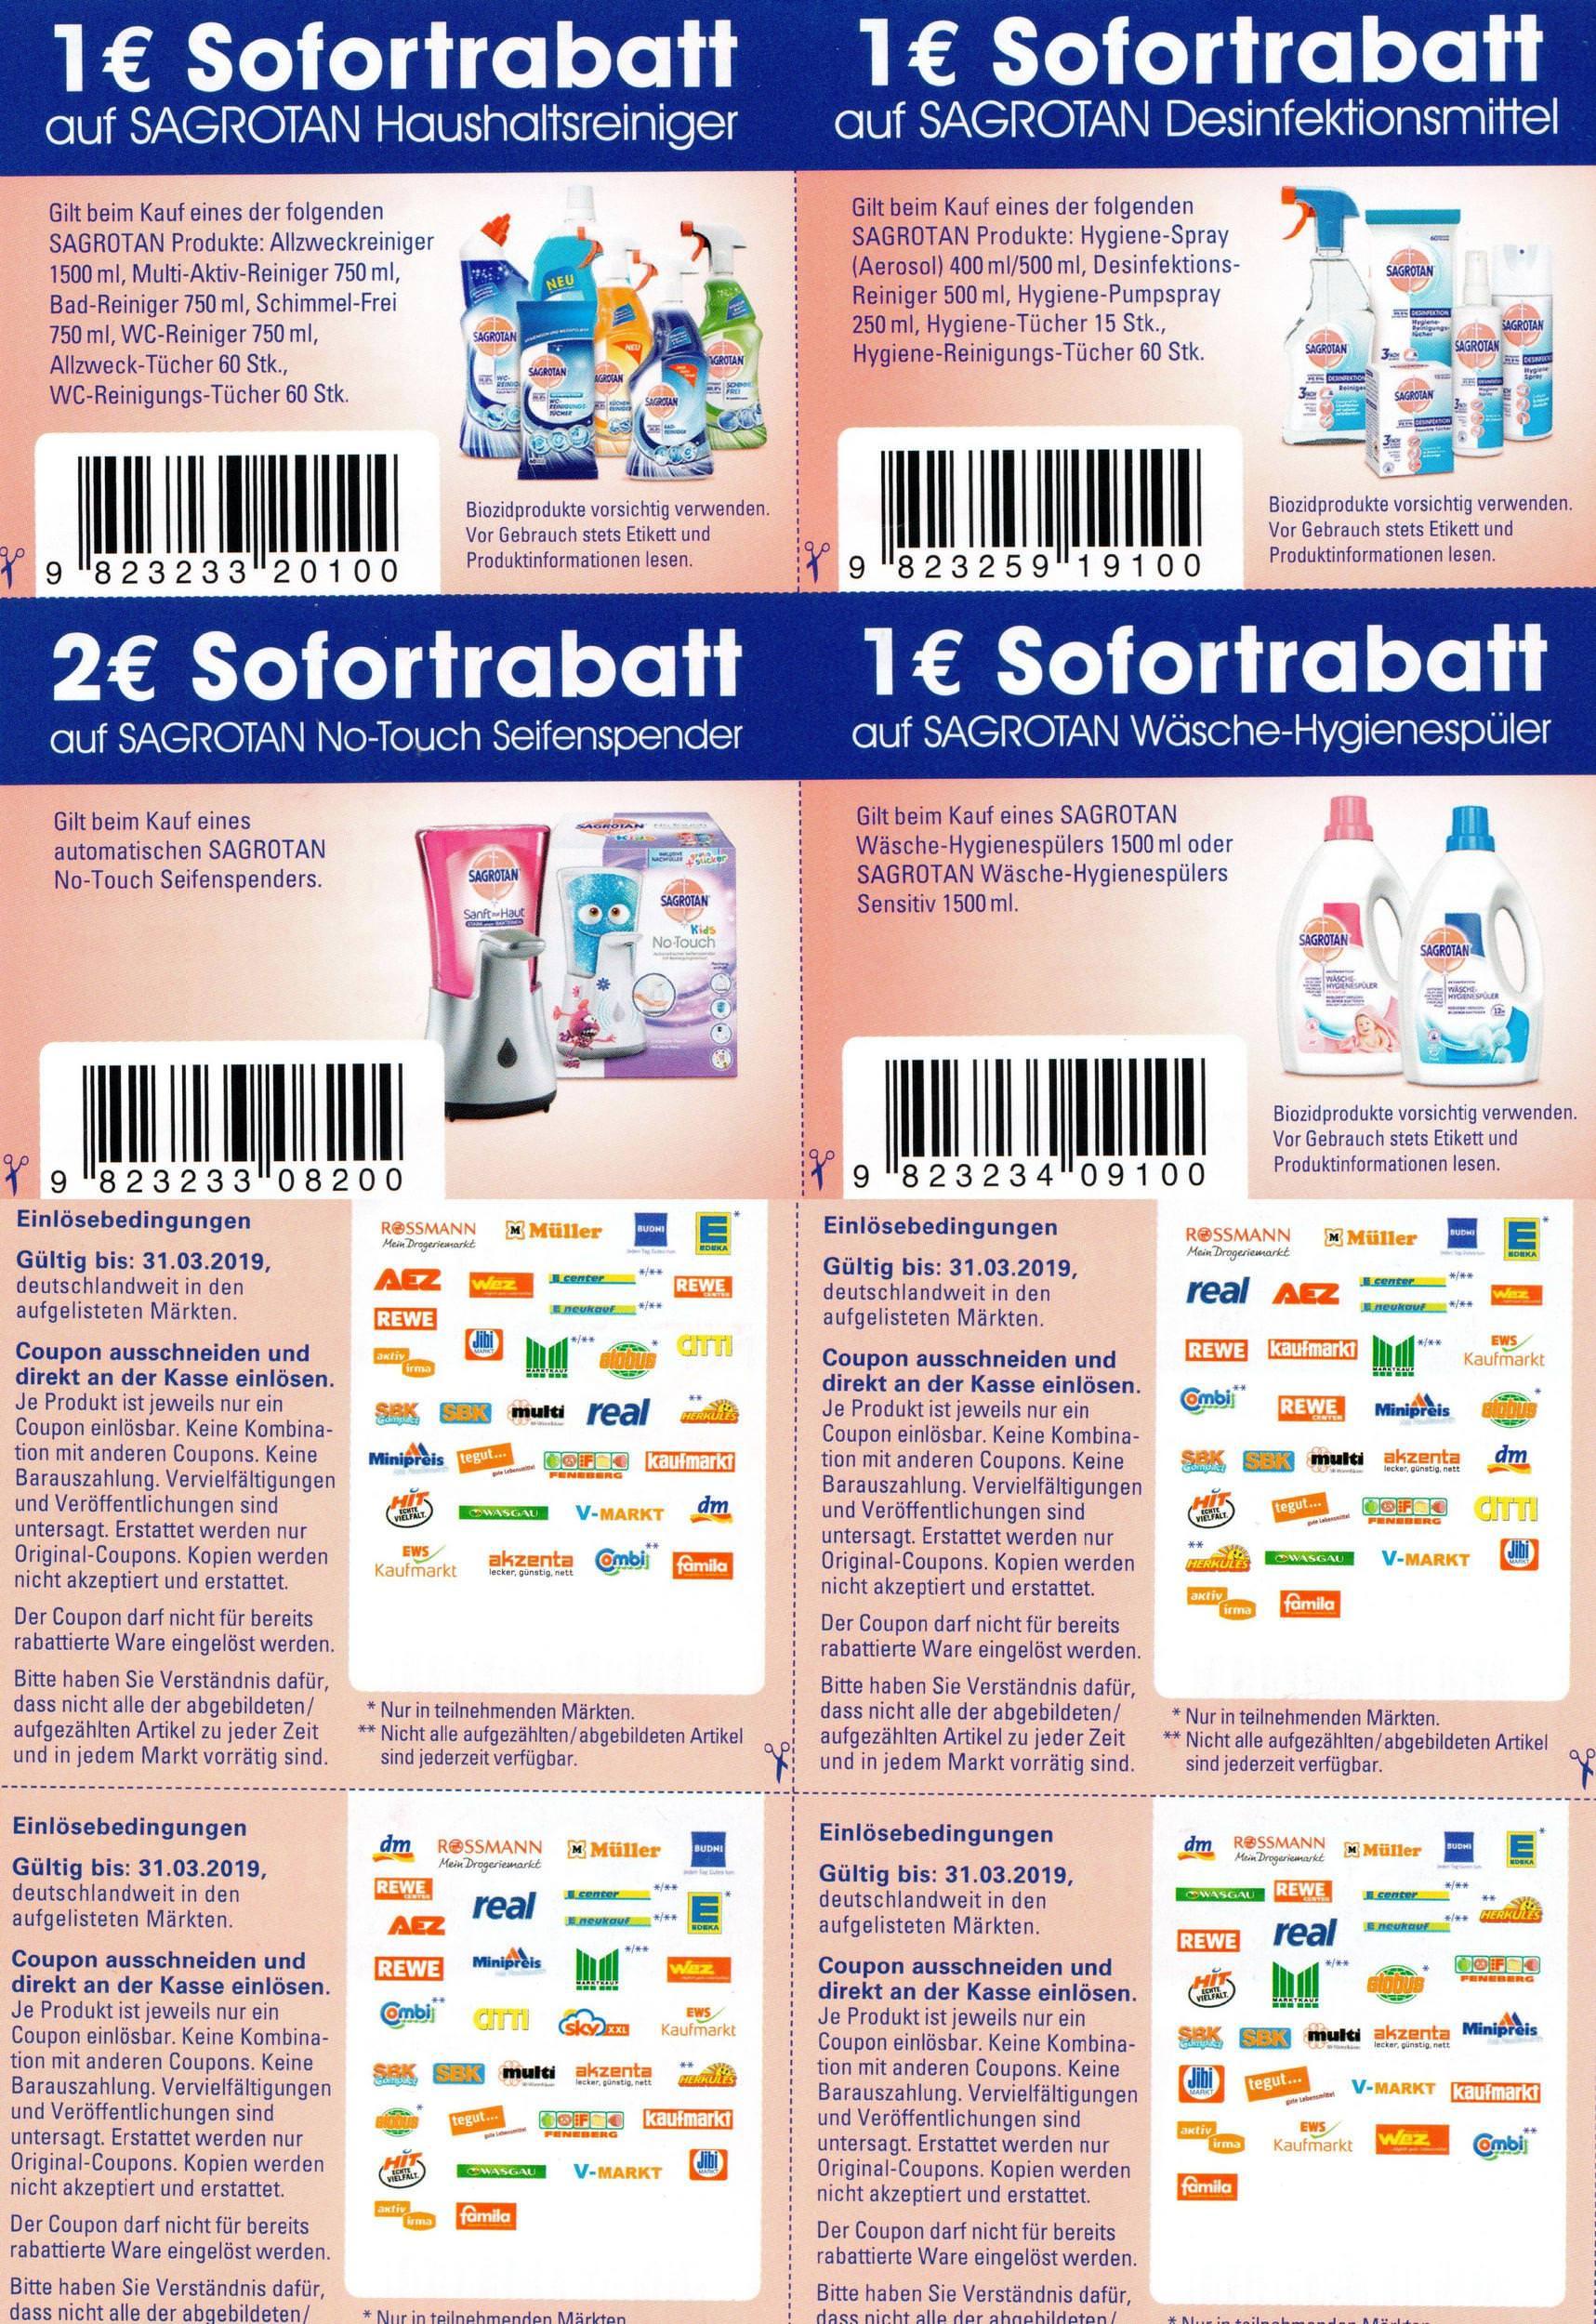 1€/1€/1€/2€ Sofort-Rabatt Coupons für Sagrotan Haushaltsreiniger/Hygiene-Produkte/Hygiene-Spüler/No-Touch Spender bis 31.03.2019